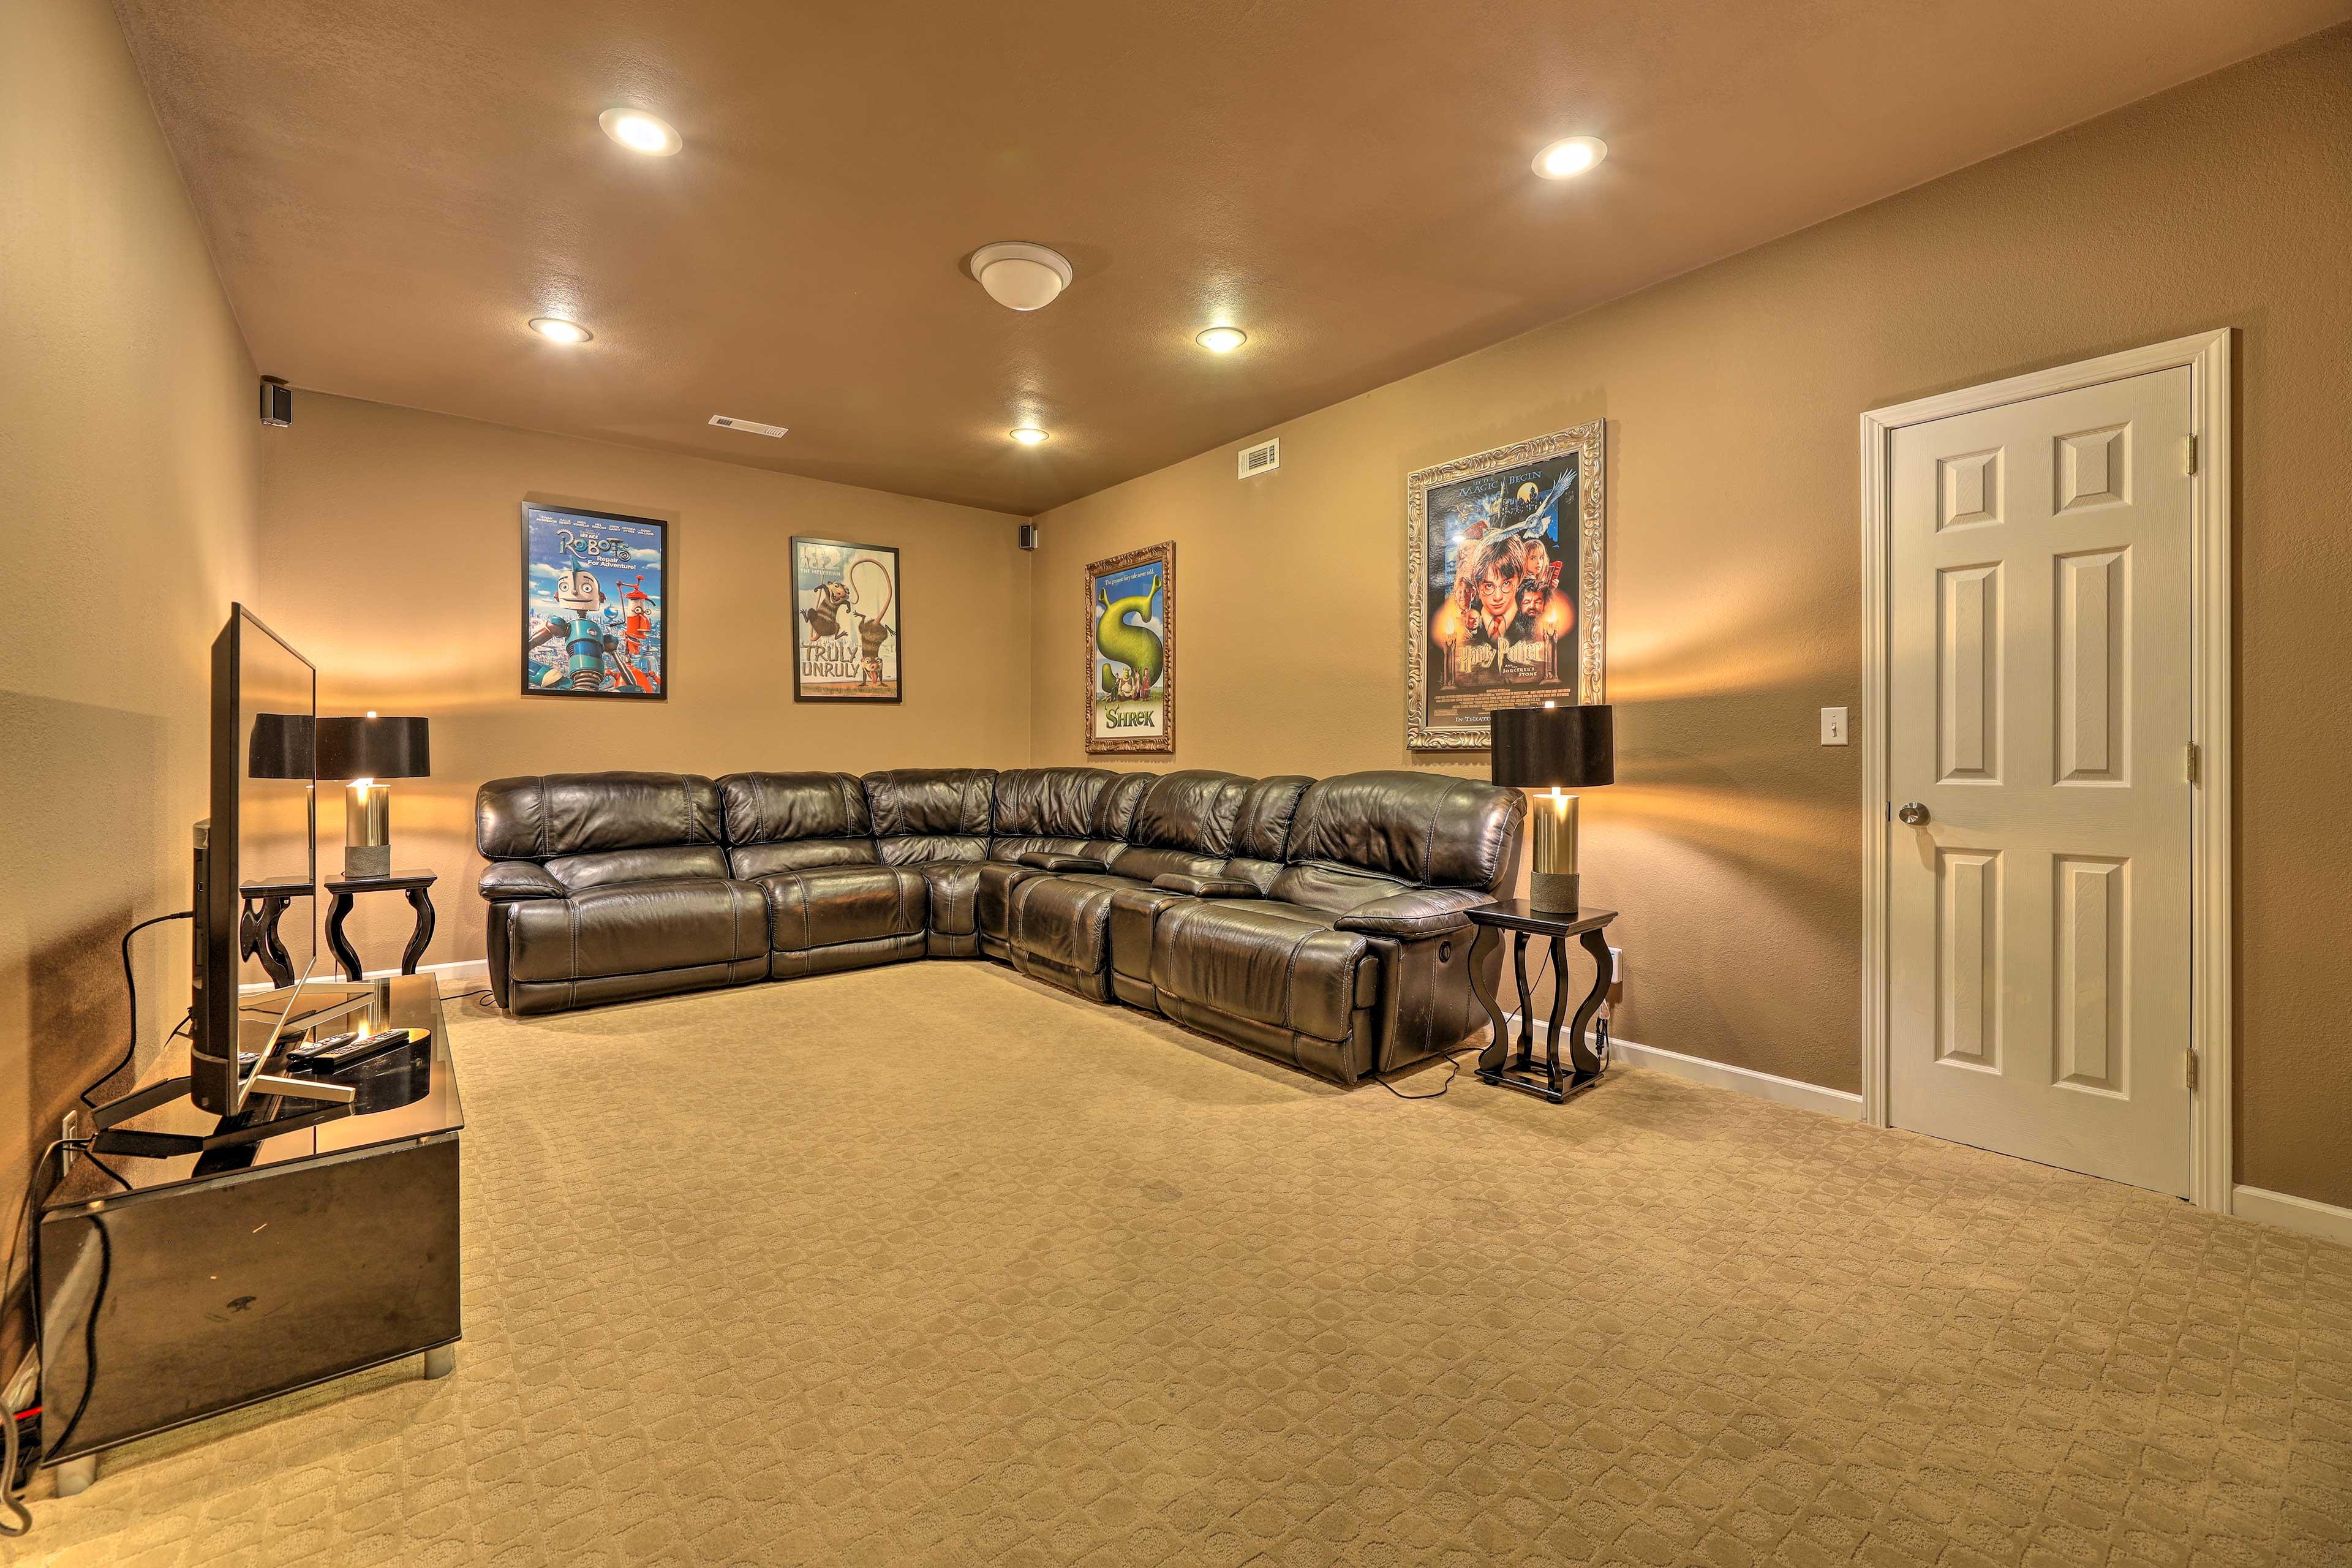 TV Room   Smart TV